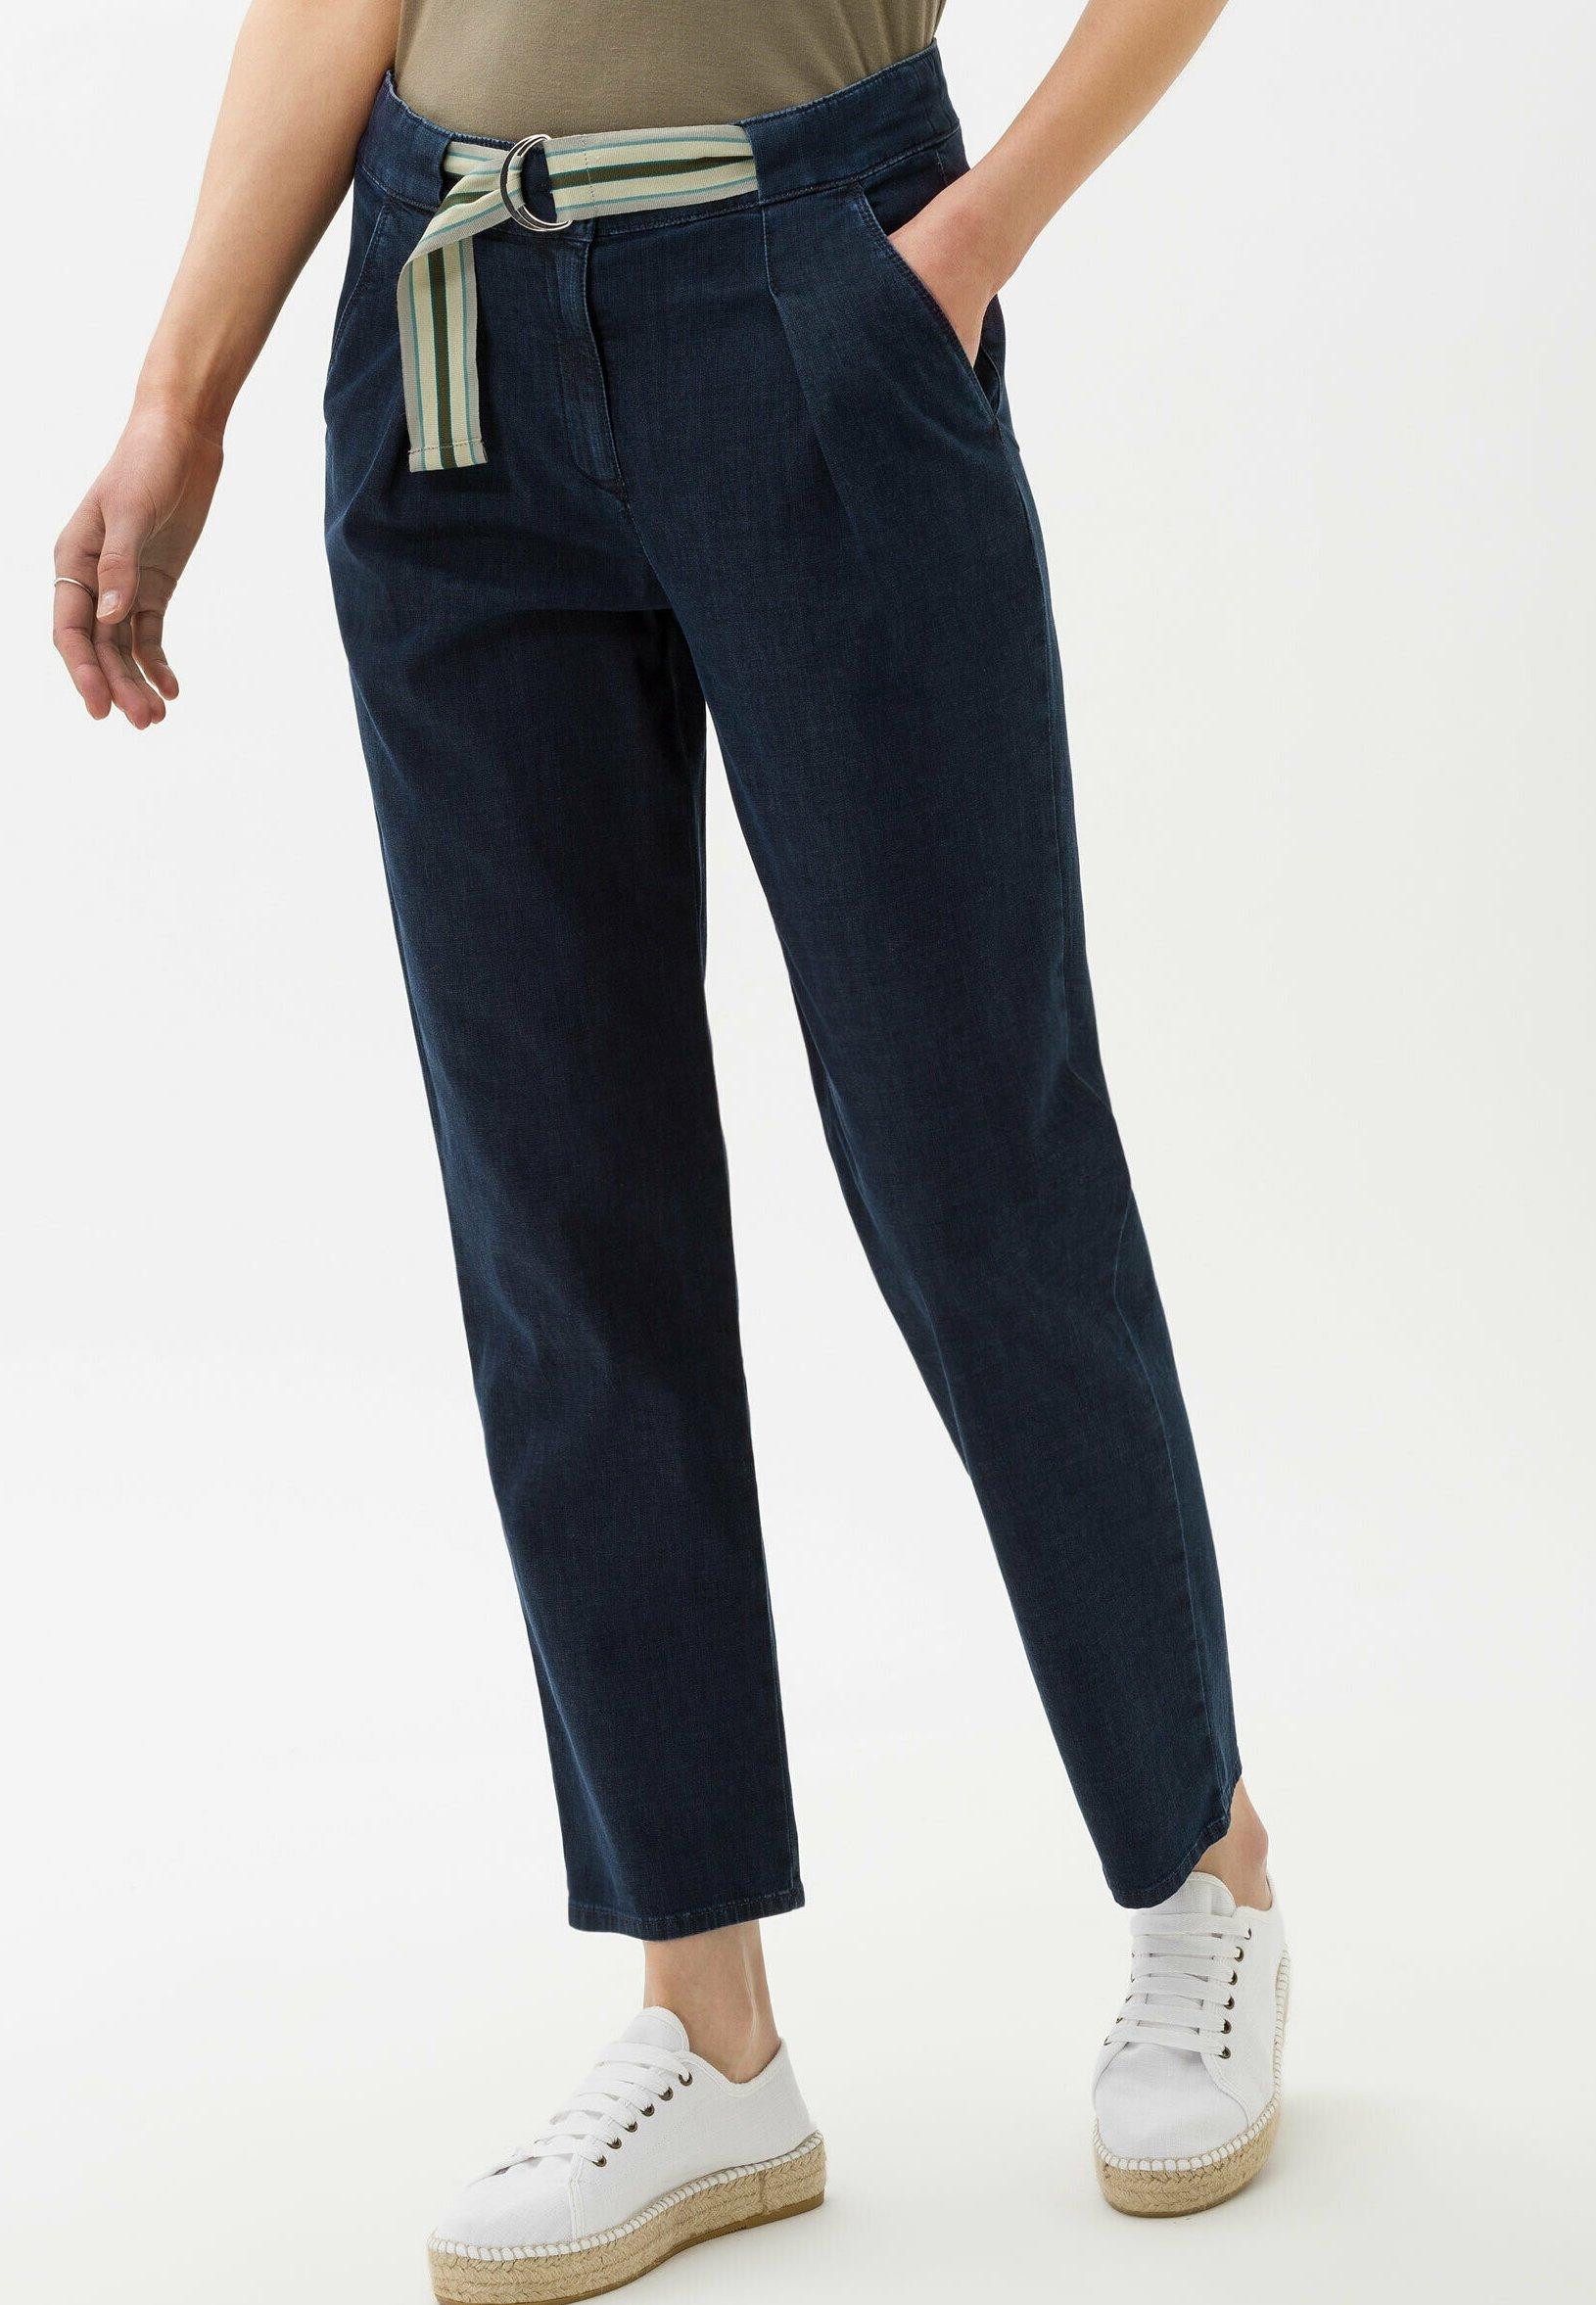 Femme STYLE MEL S - Pantalon classique